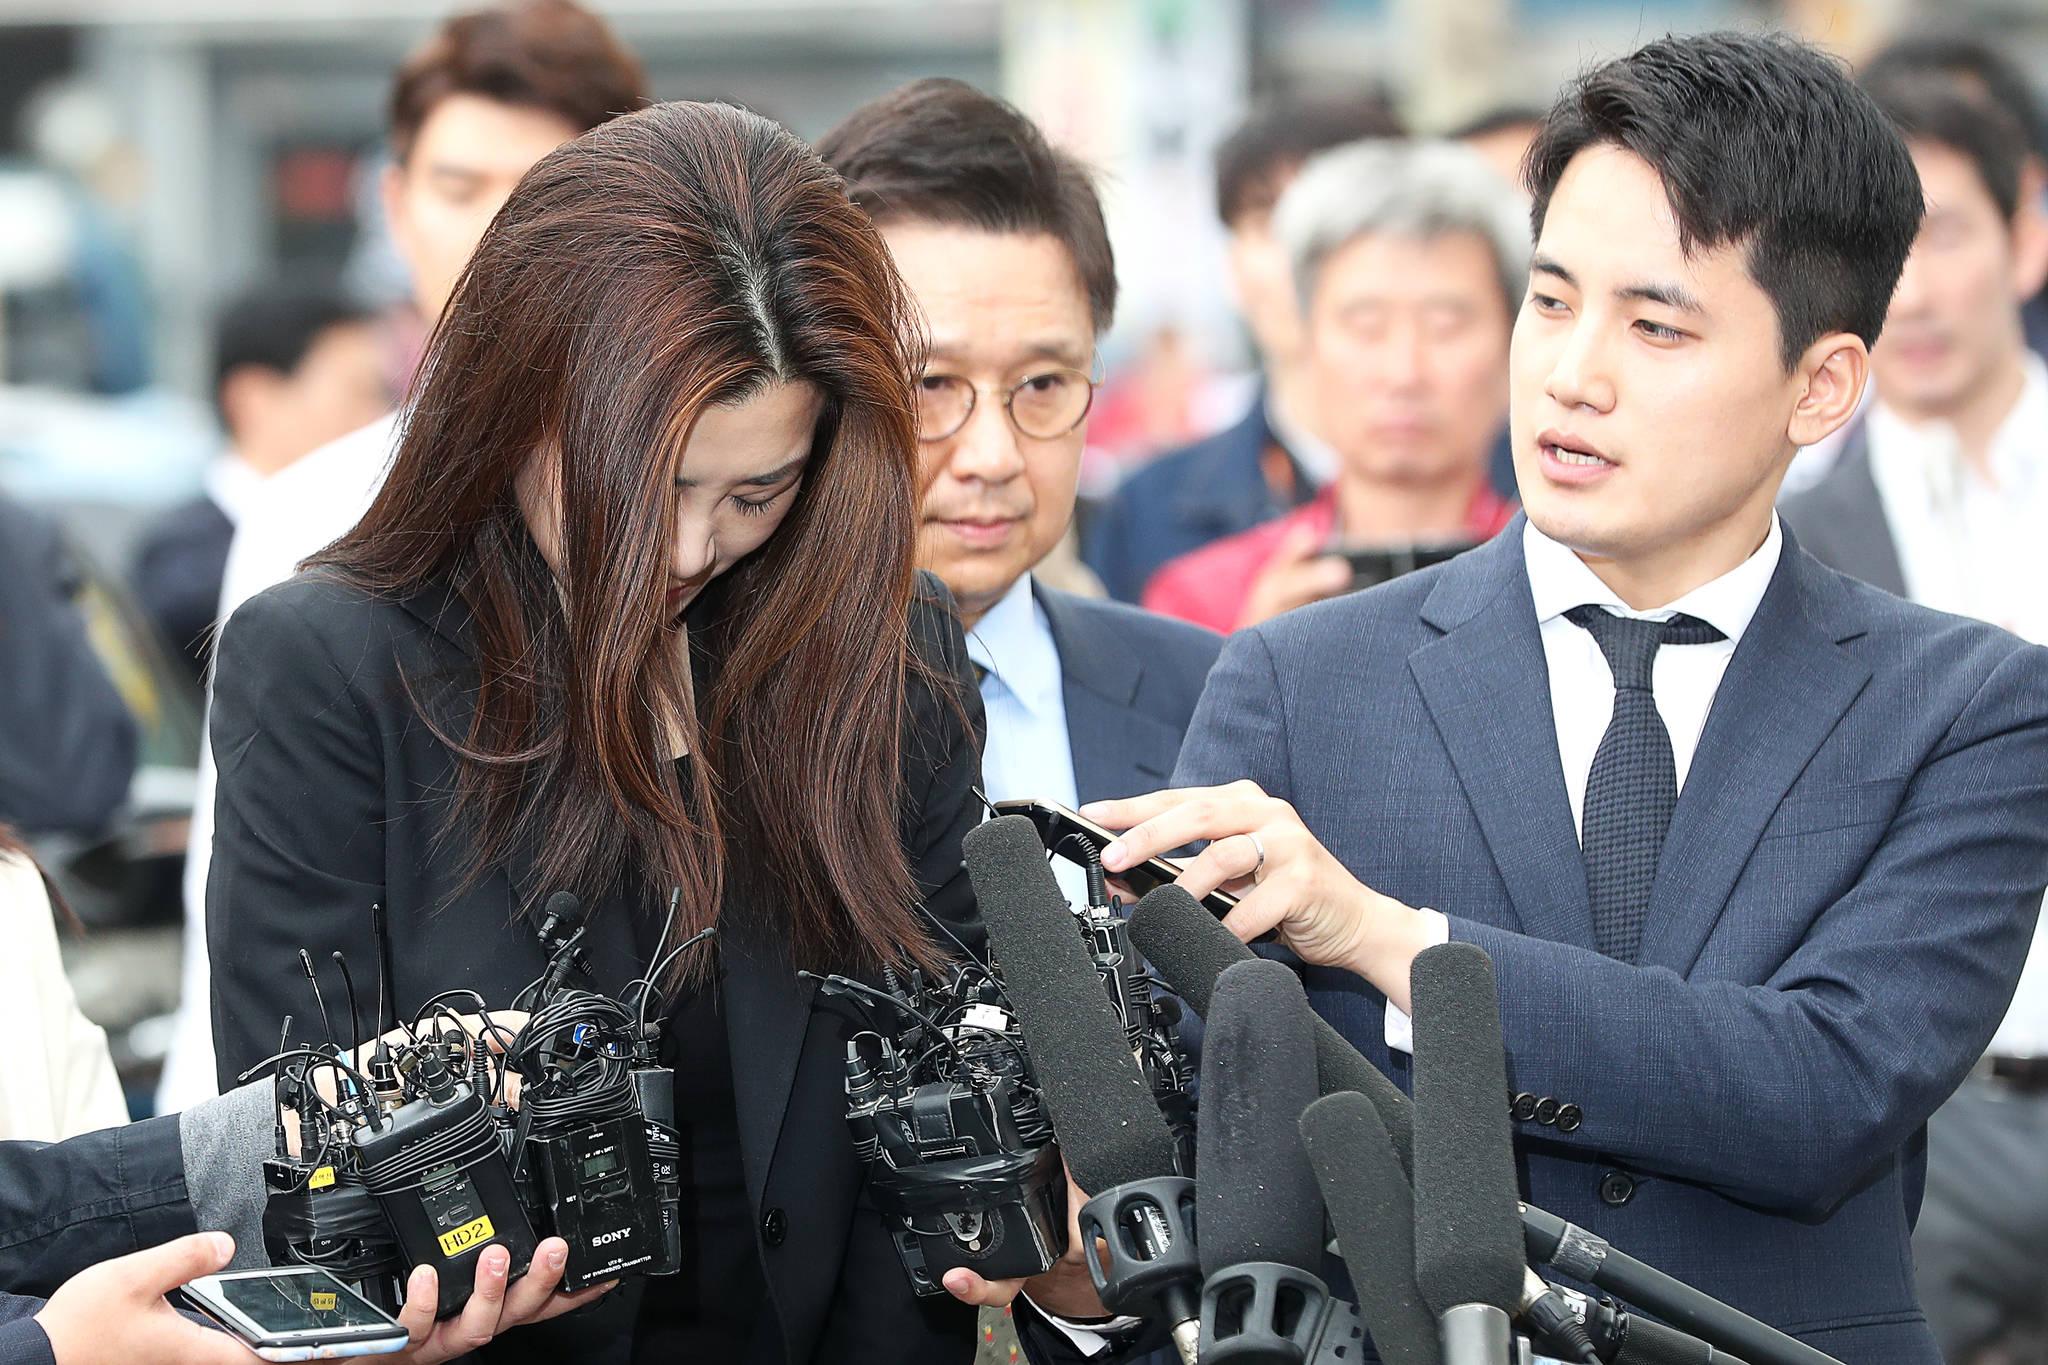 물벼락 갑질로 사회적 물의를 빚은 조현민 전 대한항공 전무가 1일 피의자 신분으로 서울 강서경찰서에 출석했다. 장진영 기자